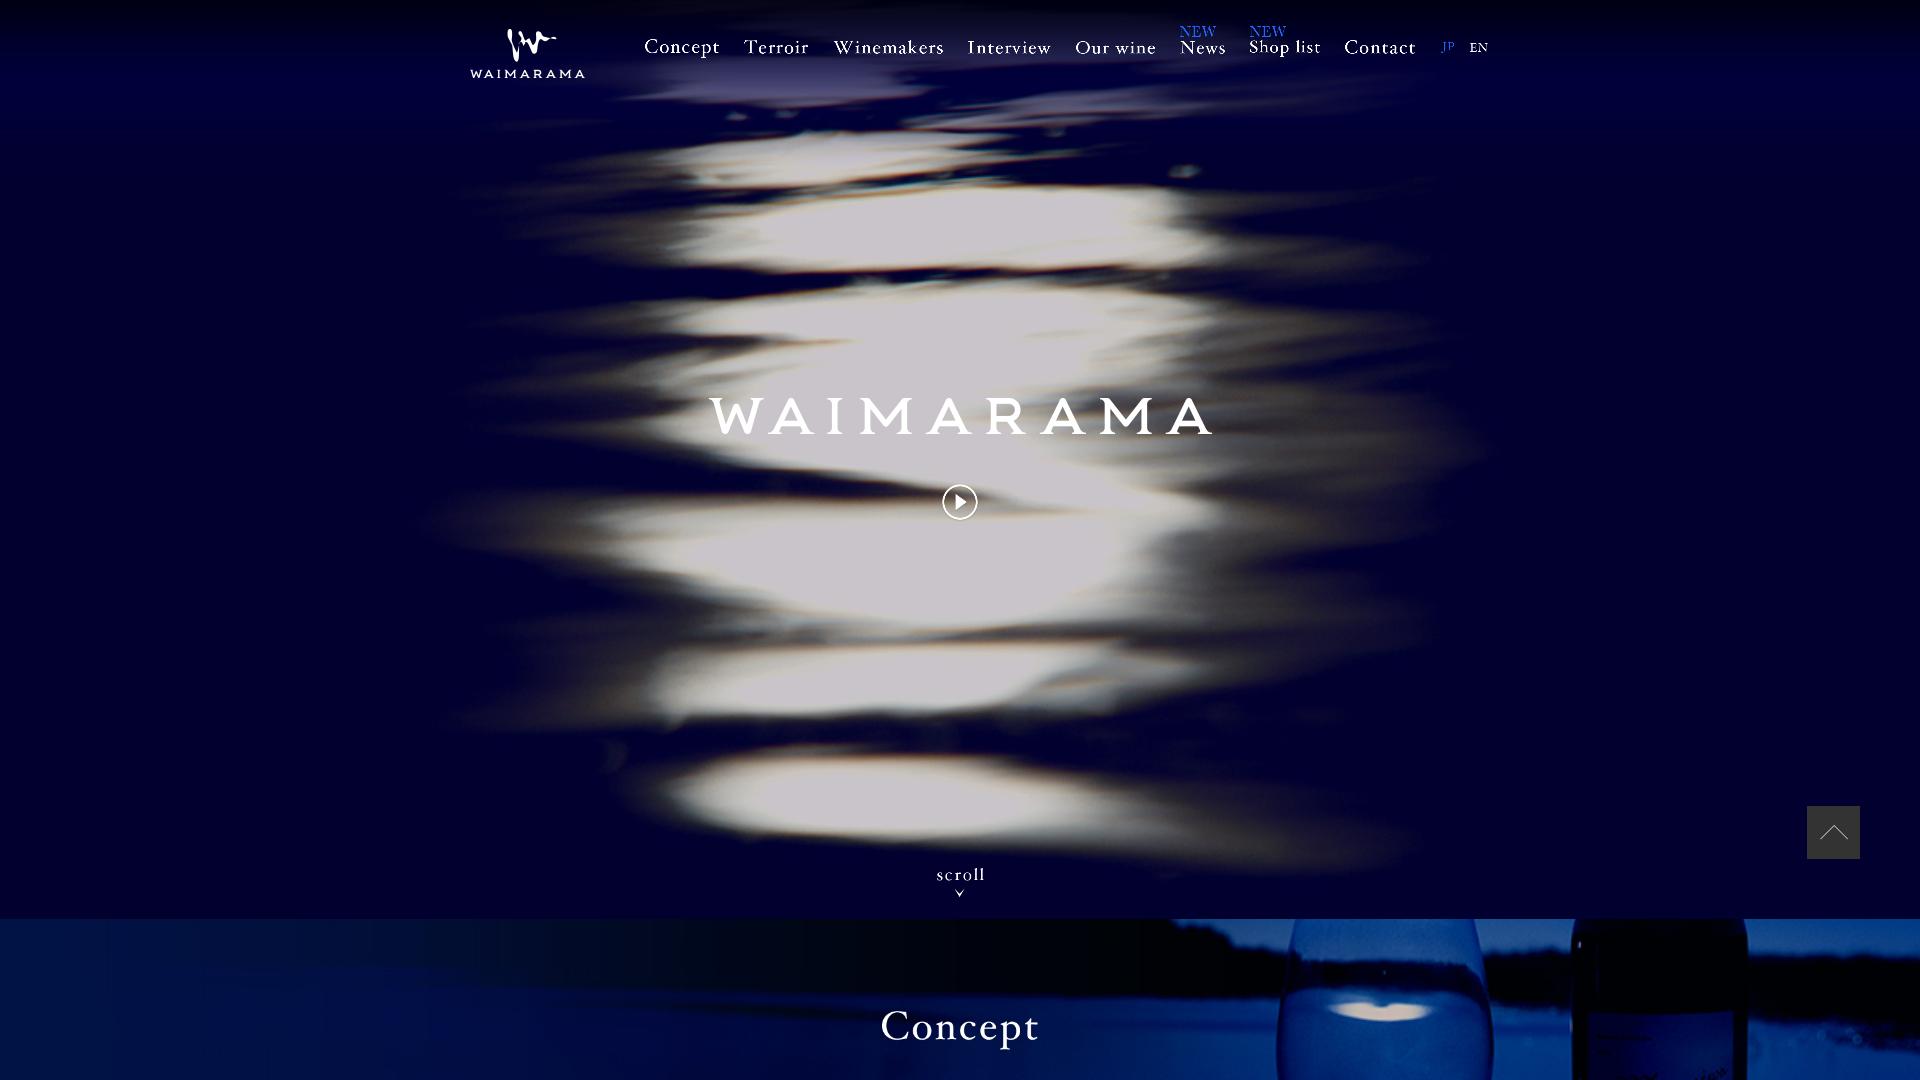 ワイマラマジャパン株式会社 ブランドサイト